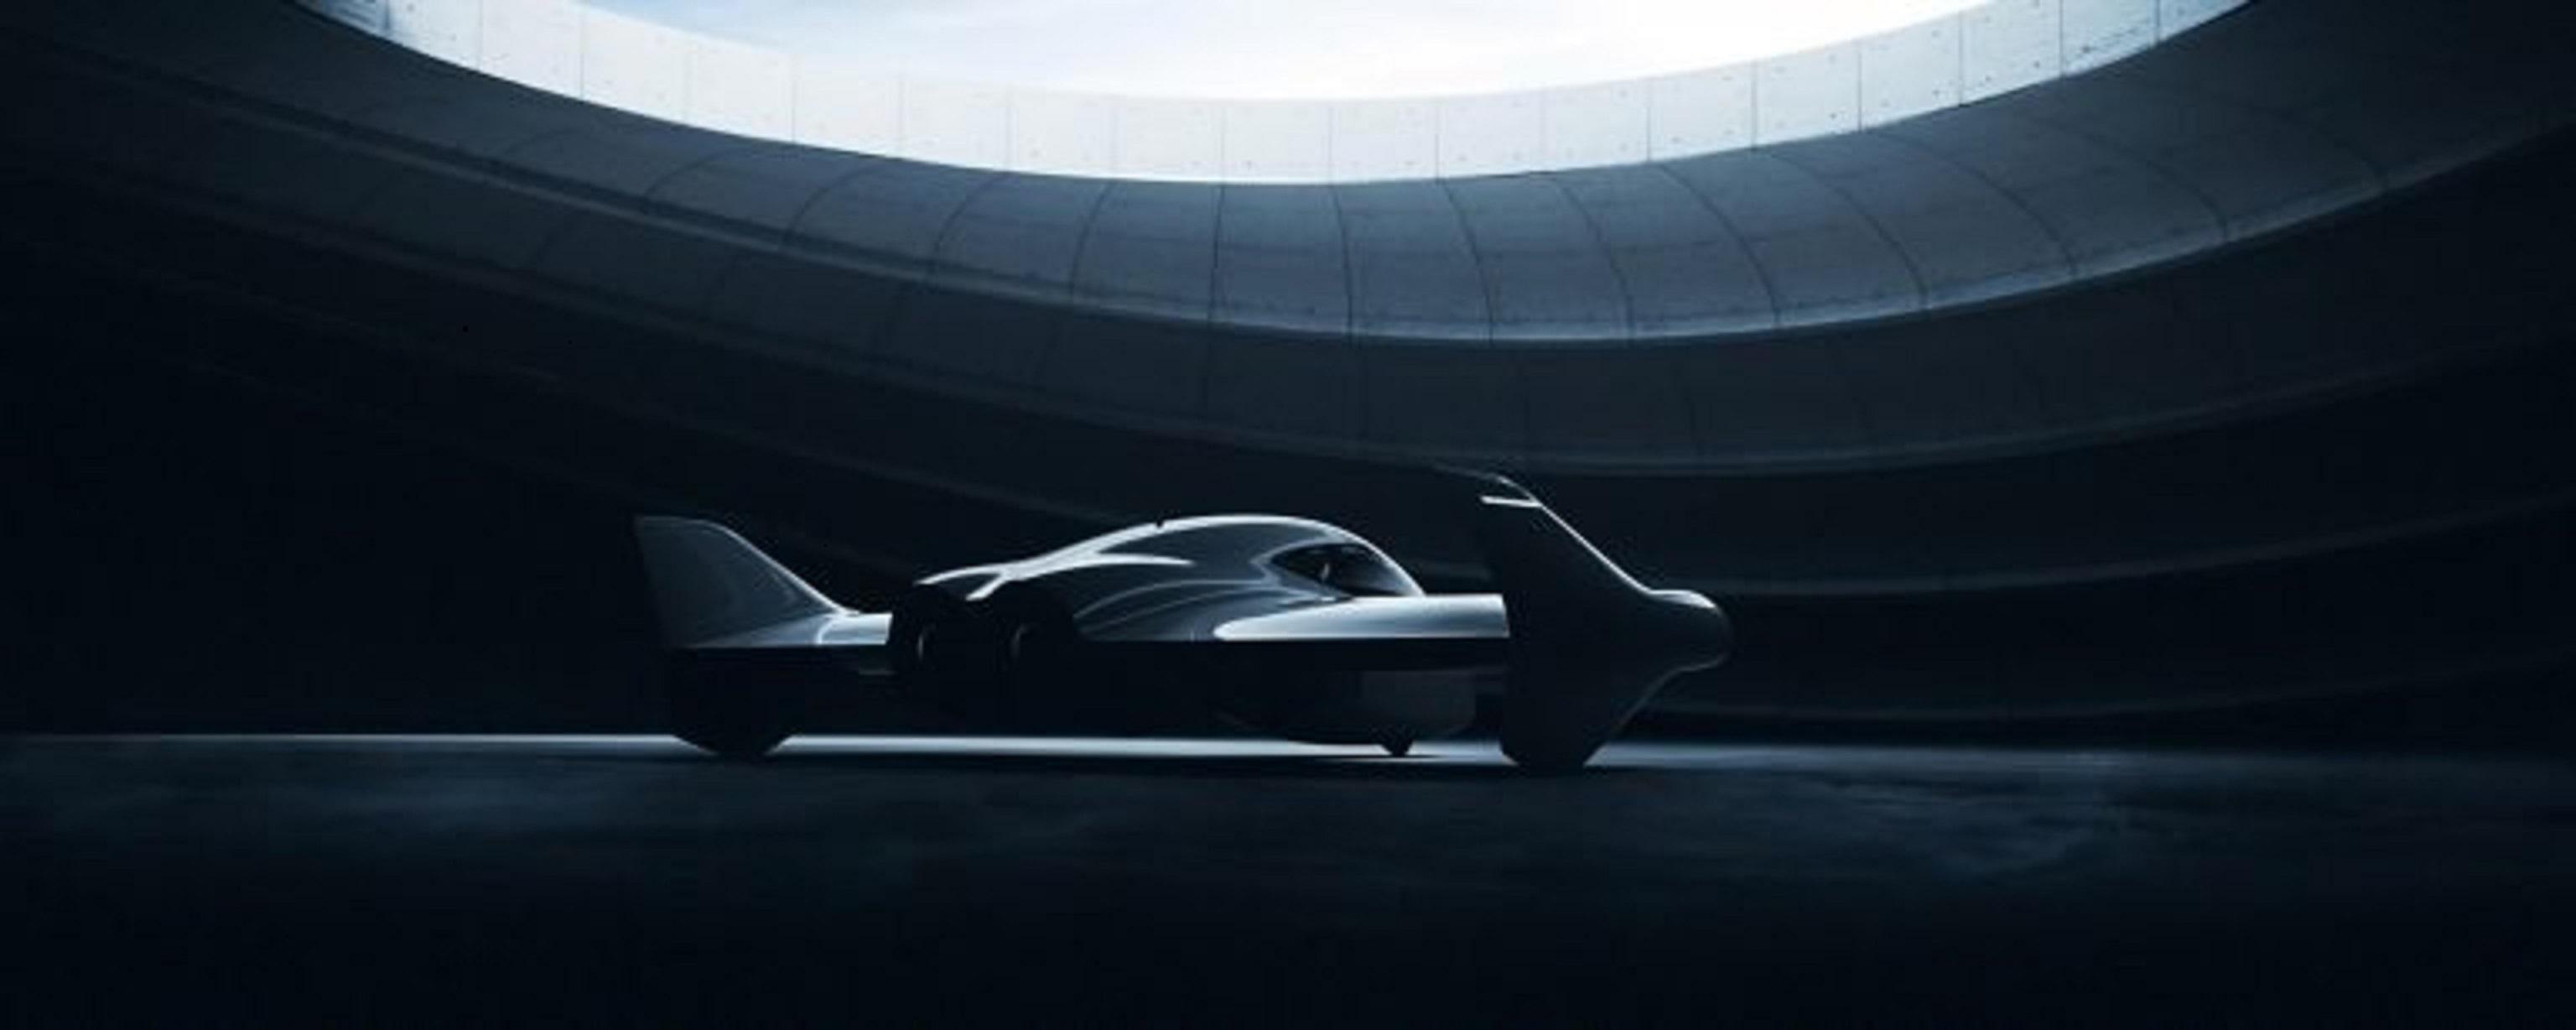 xe bay,xe bay điện,xe điện,Porsche,Boeing